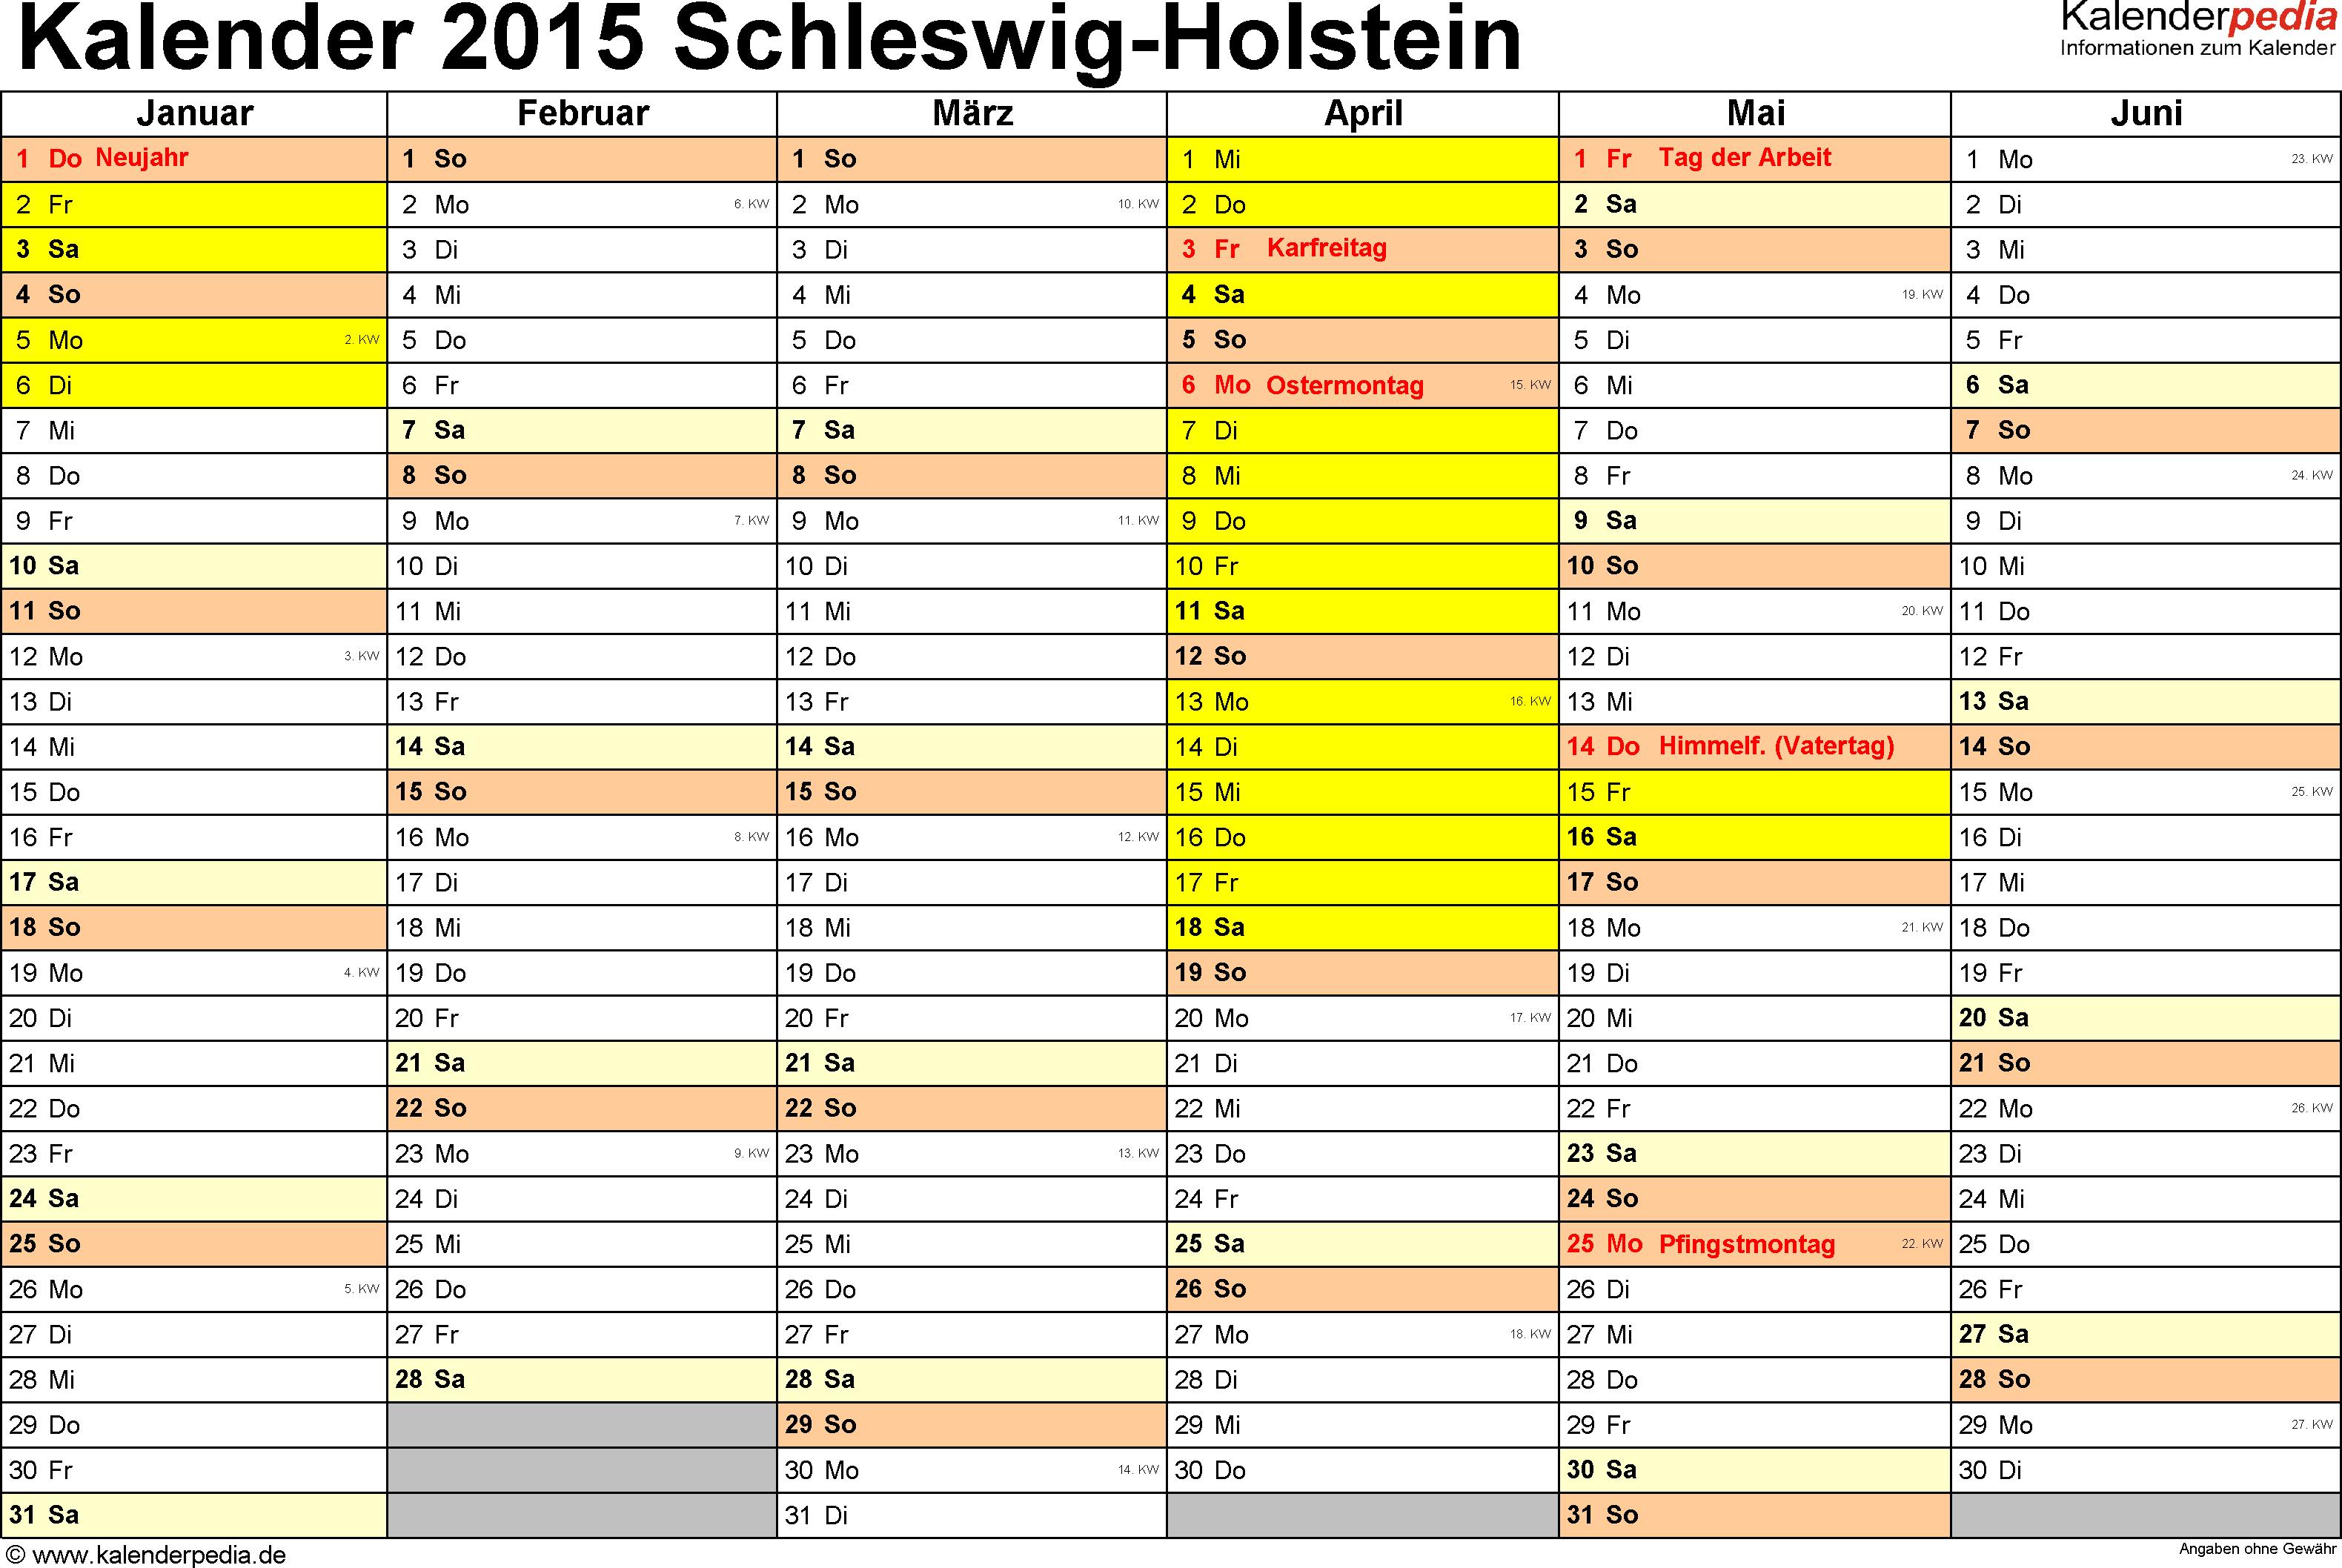 Vorlage 3: Kalender 2015 für Schleswig-Holstein als Excel-Vorlagen (Querformat, 2 Seiten)